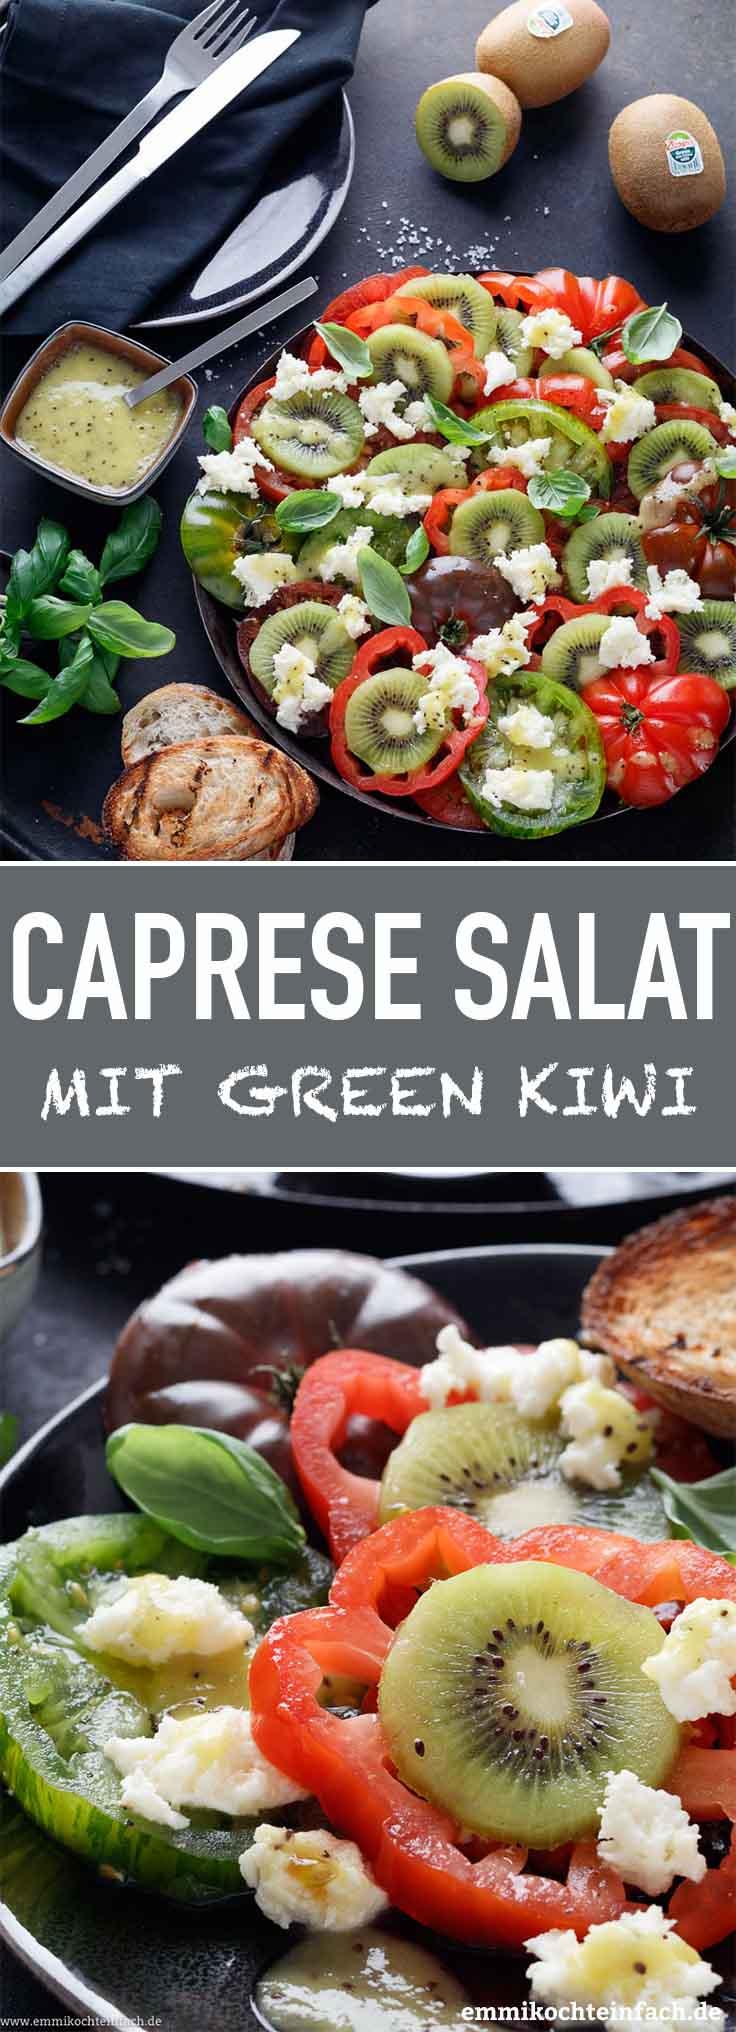 Caprese Salat mit Green Kiwi - www.emmikochteinfach.de